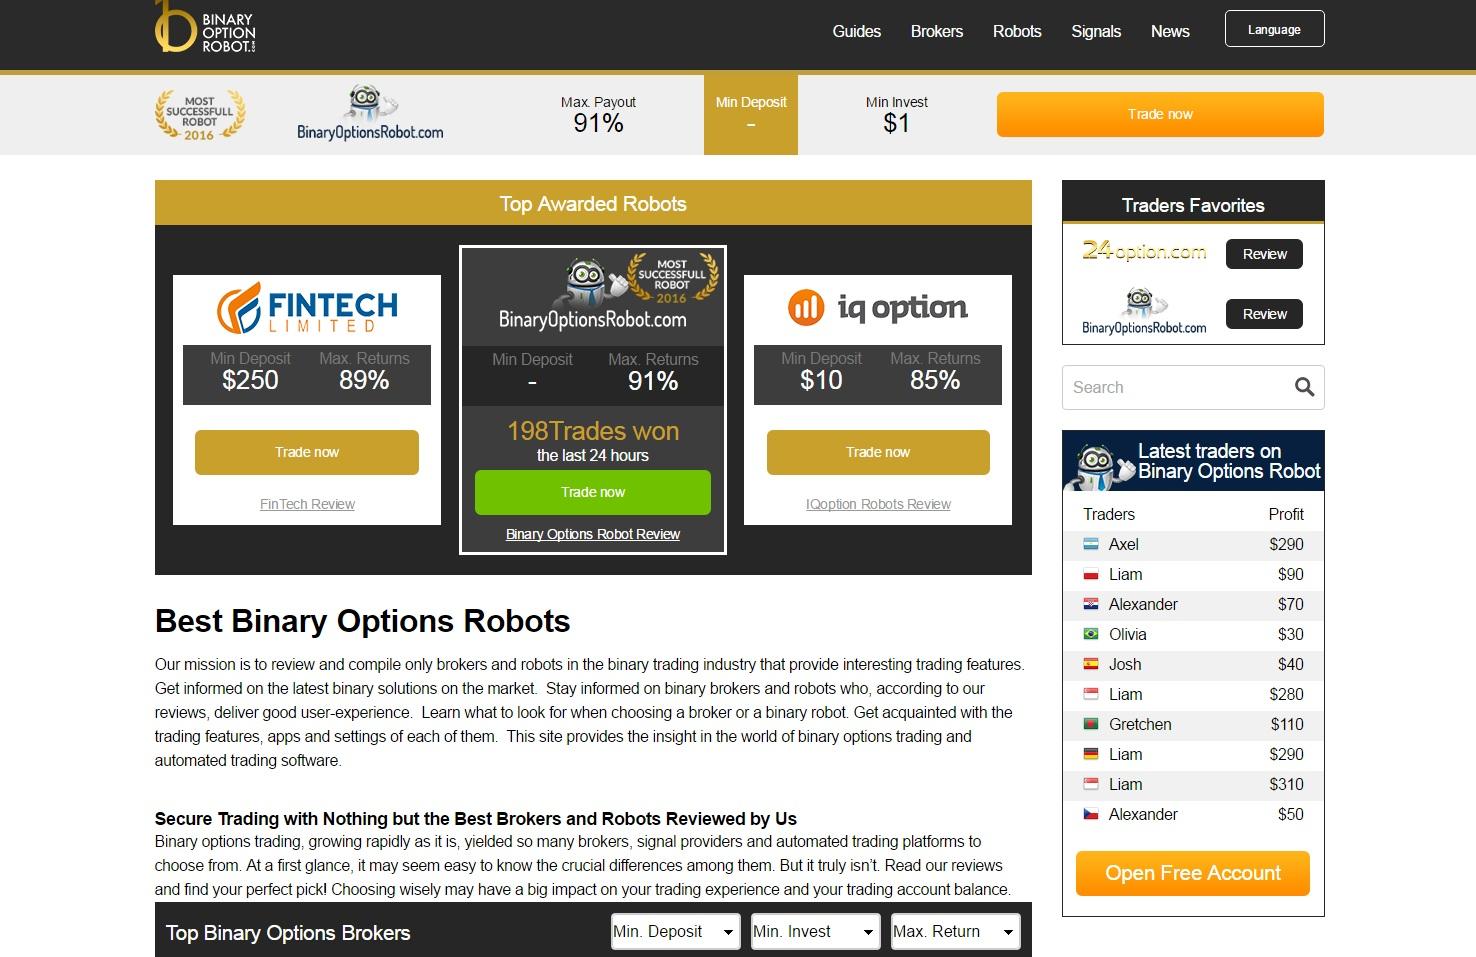 roboți plătiți pentru opțiuni binare